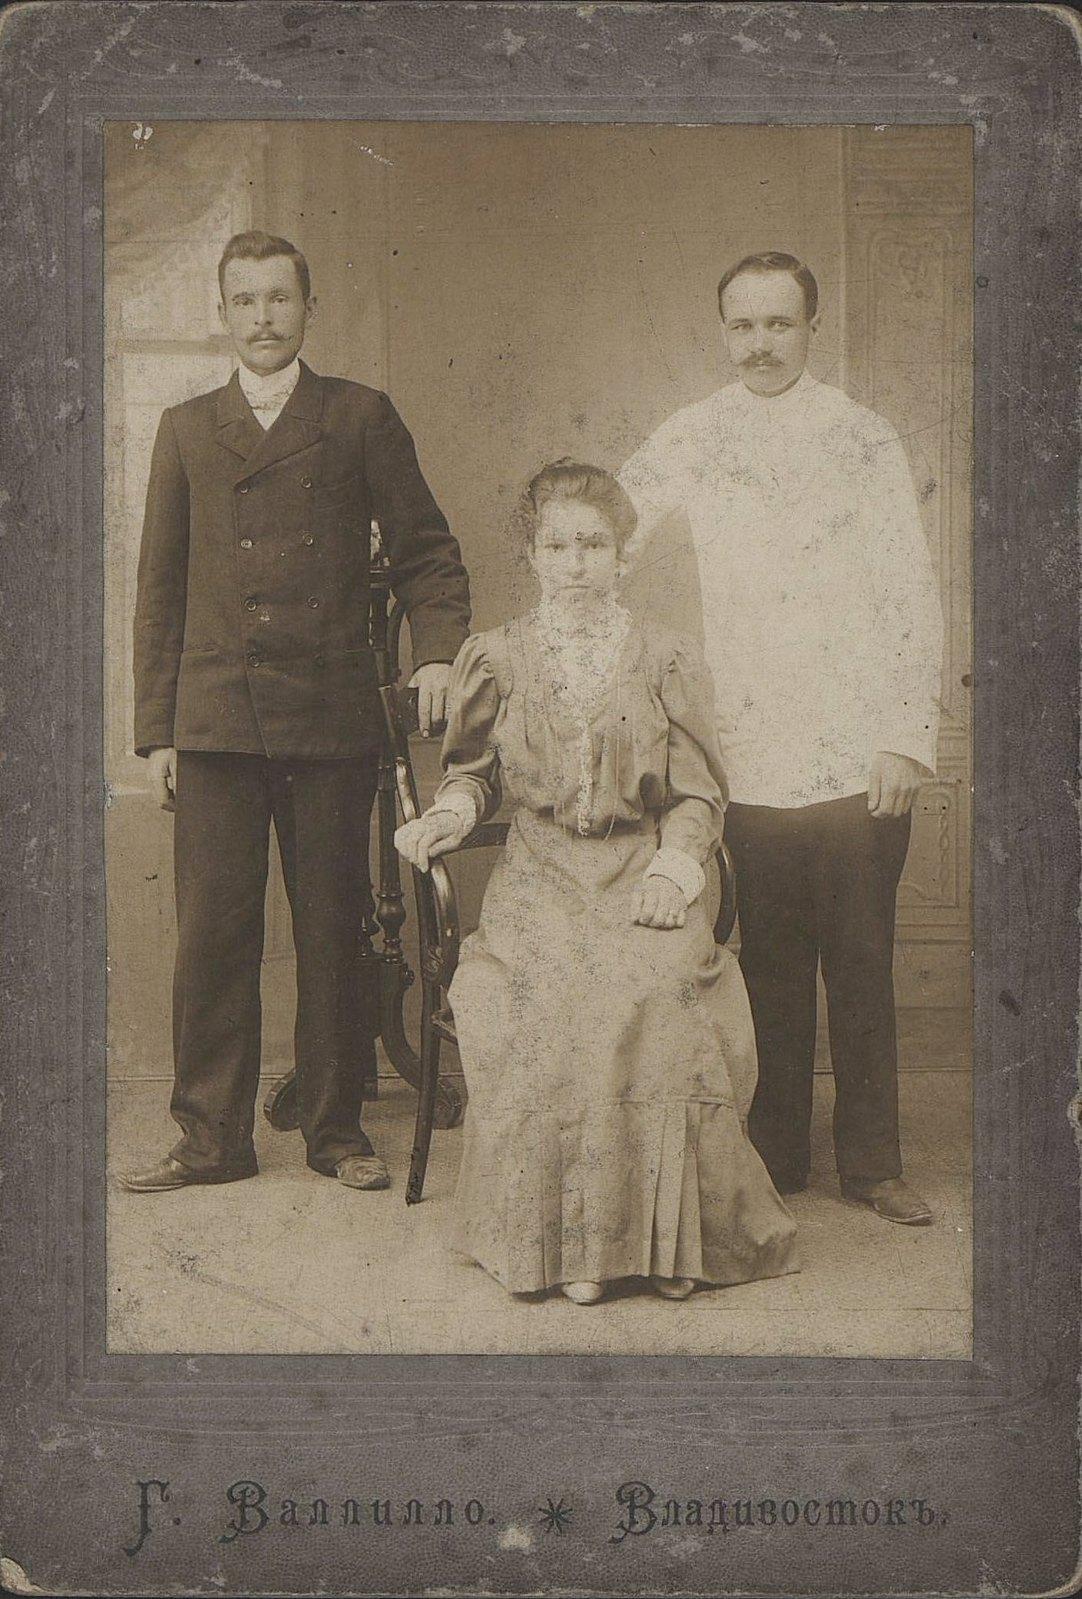 Супруги Рудых, Анастасия Алексеевна и Иосиф Елисеевич, с братом жены, Черныхом Николаем Алексеевичем. 23 июля 1906